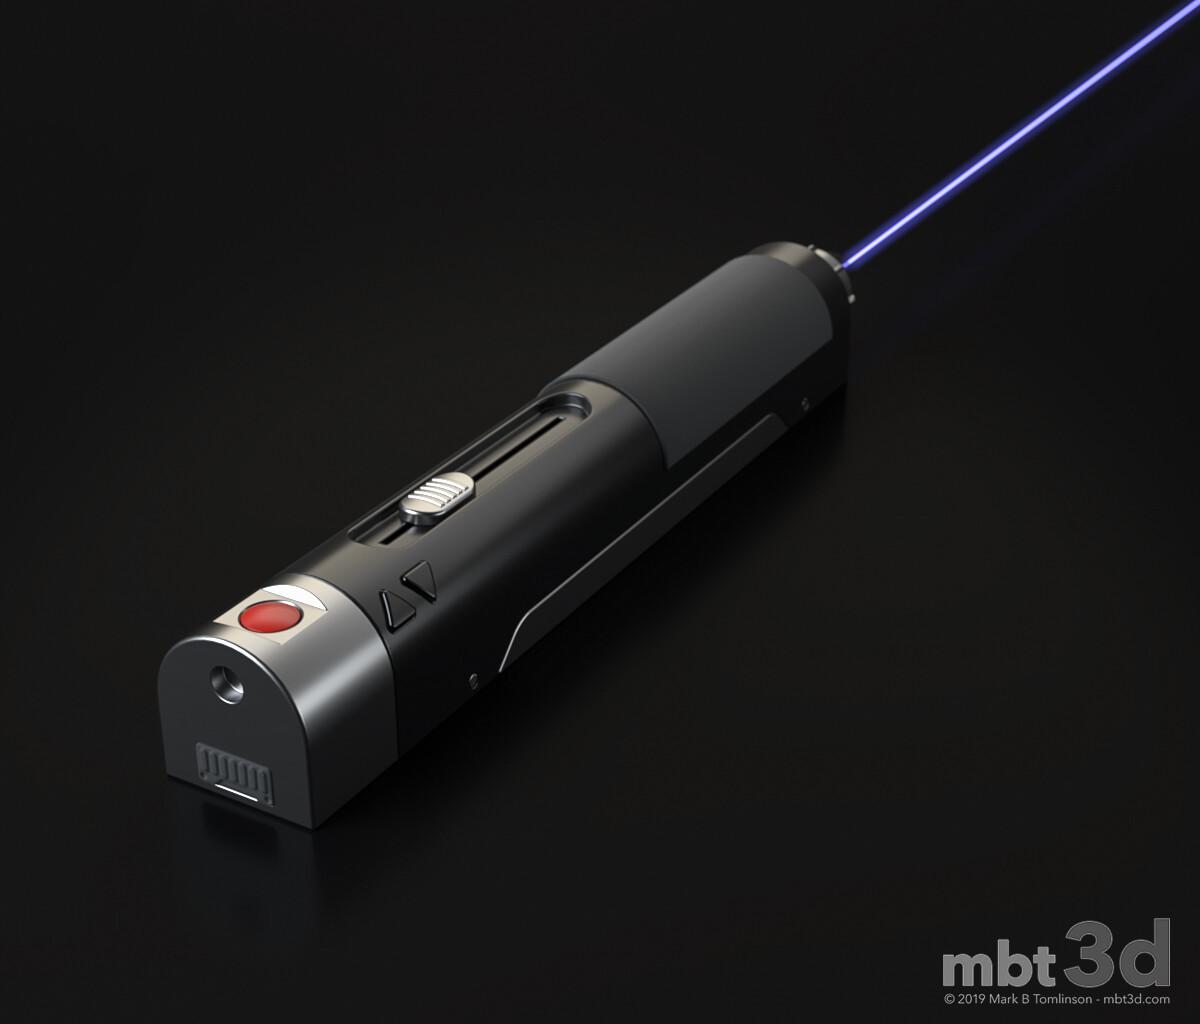 Laser Pointer: